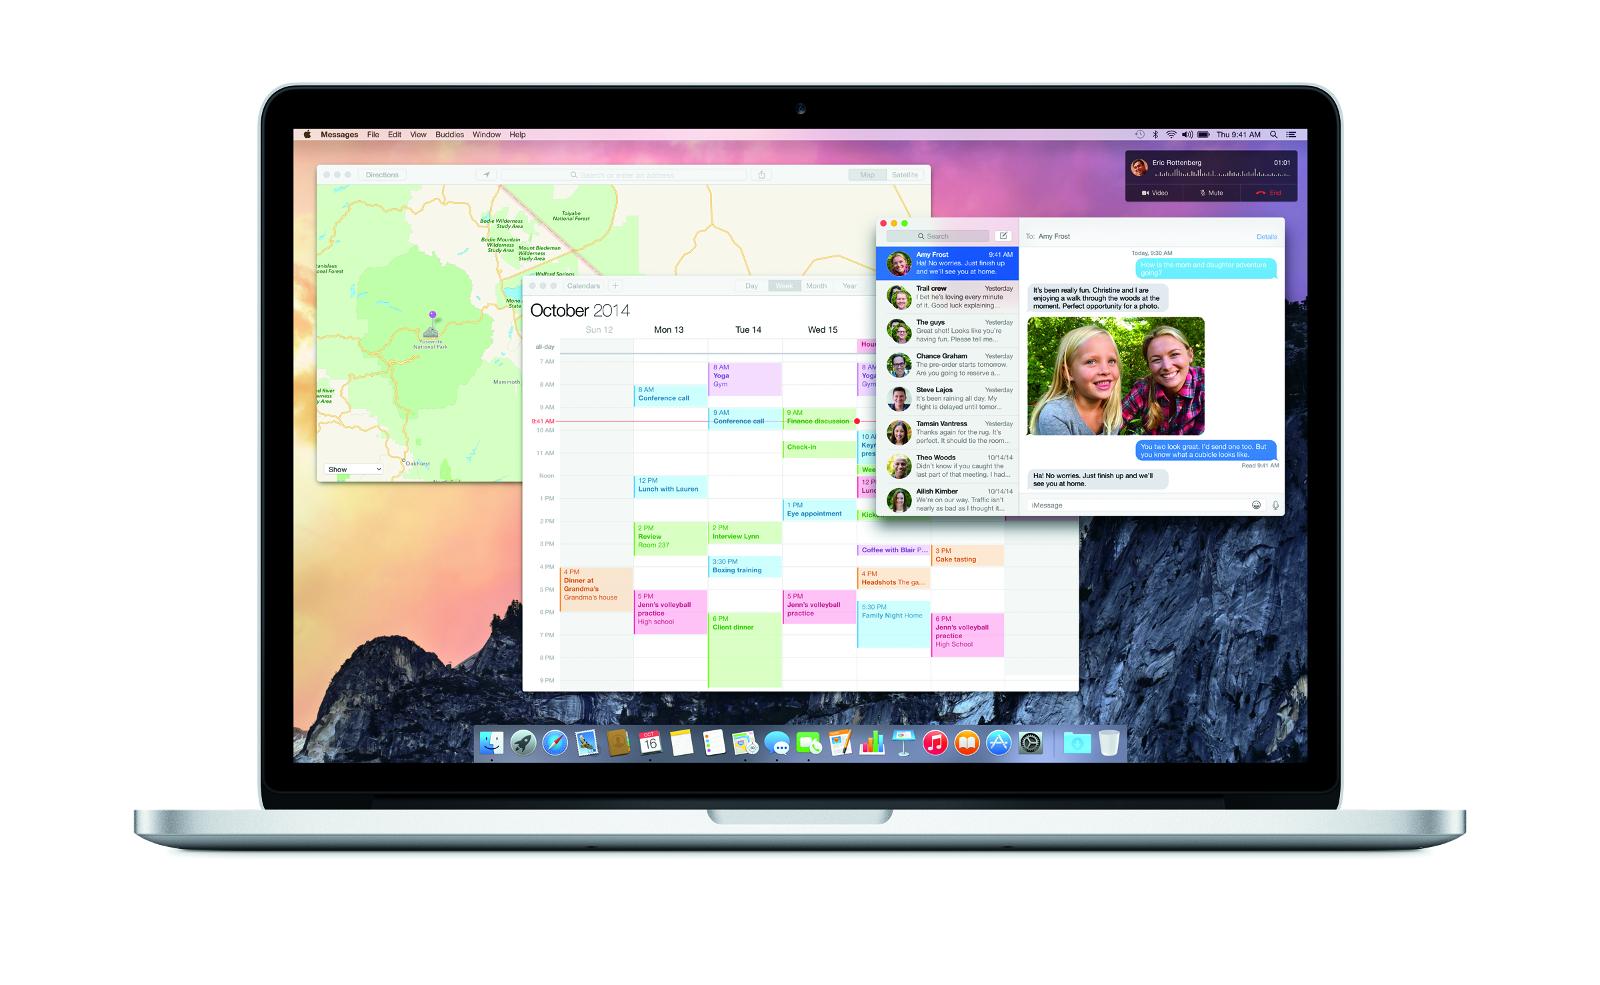 Mac OS X Yosemite MacBook Laptop